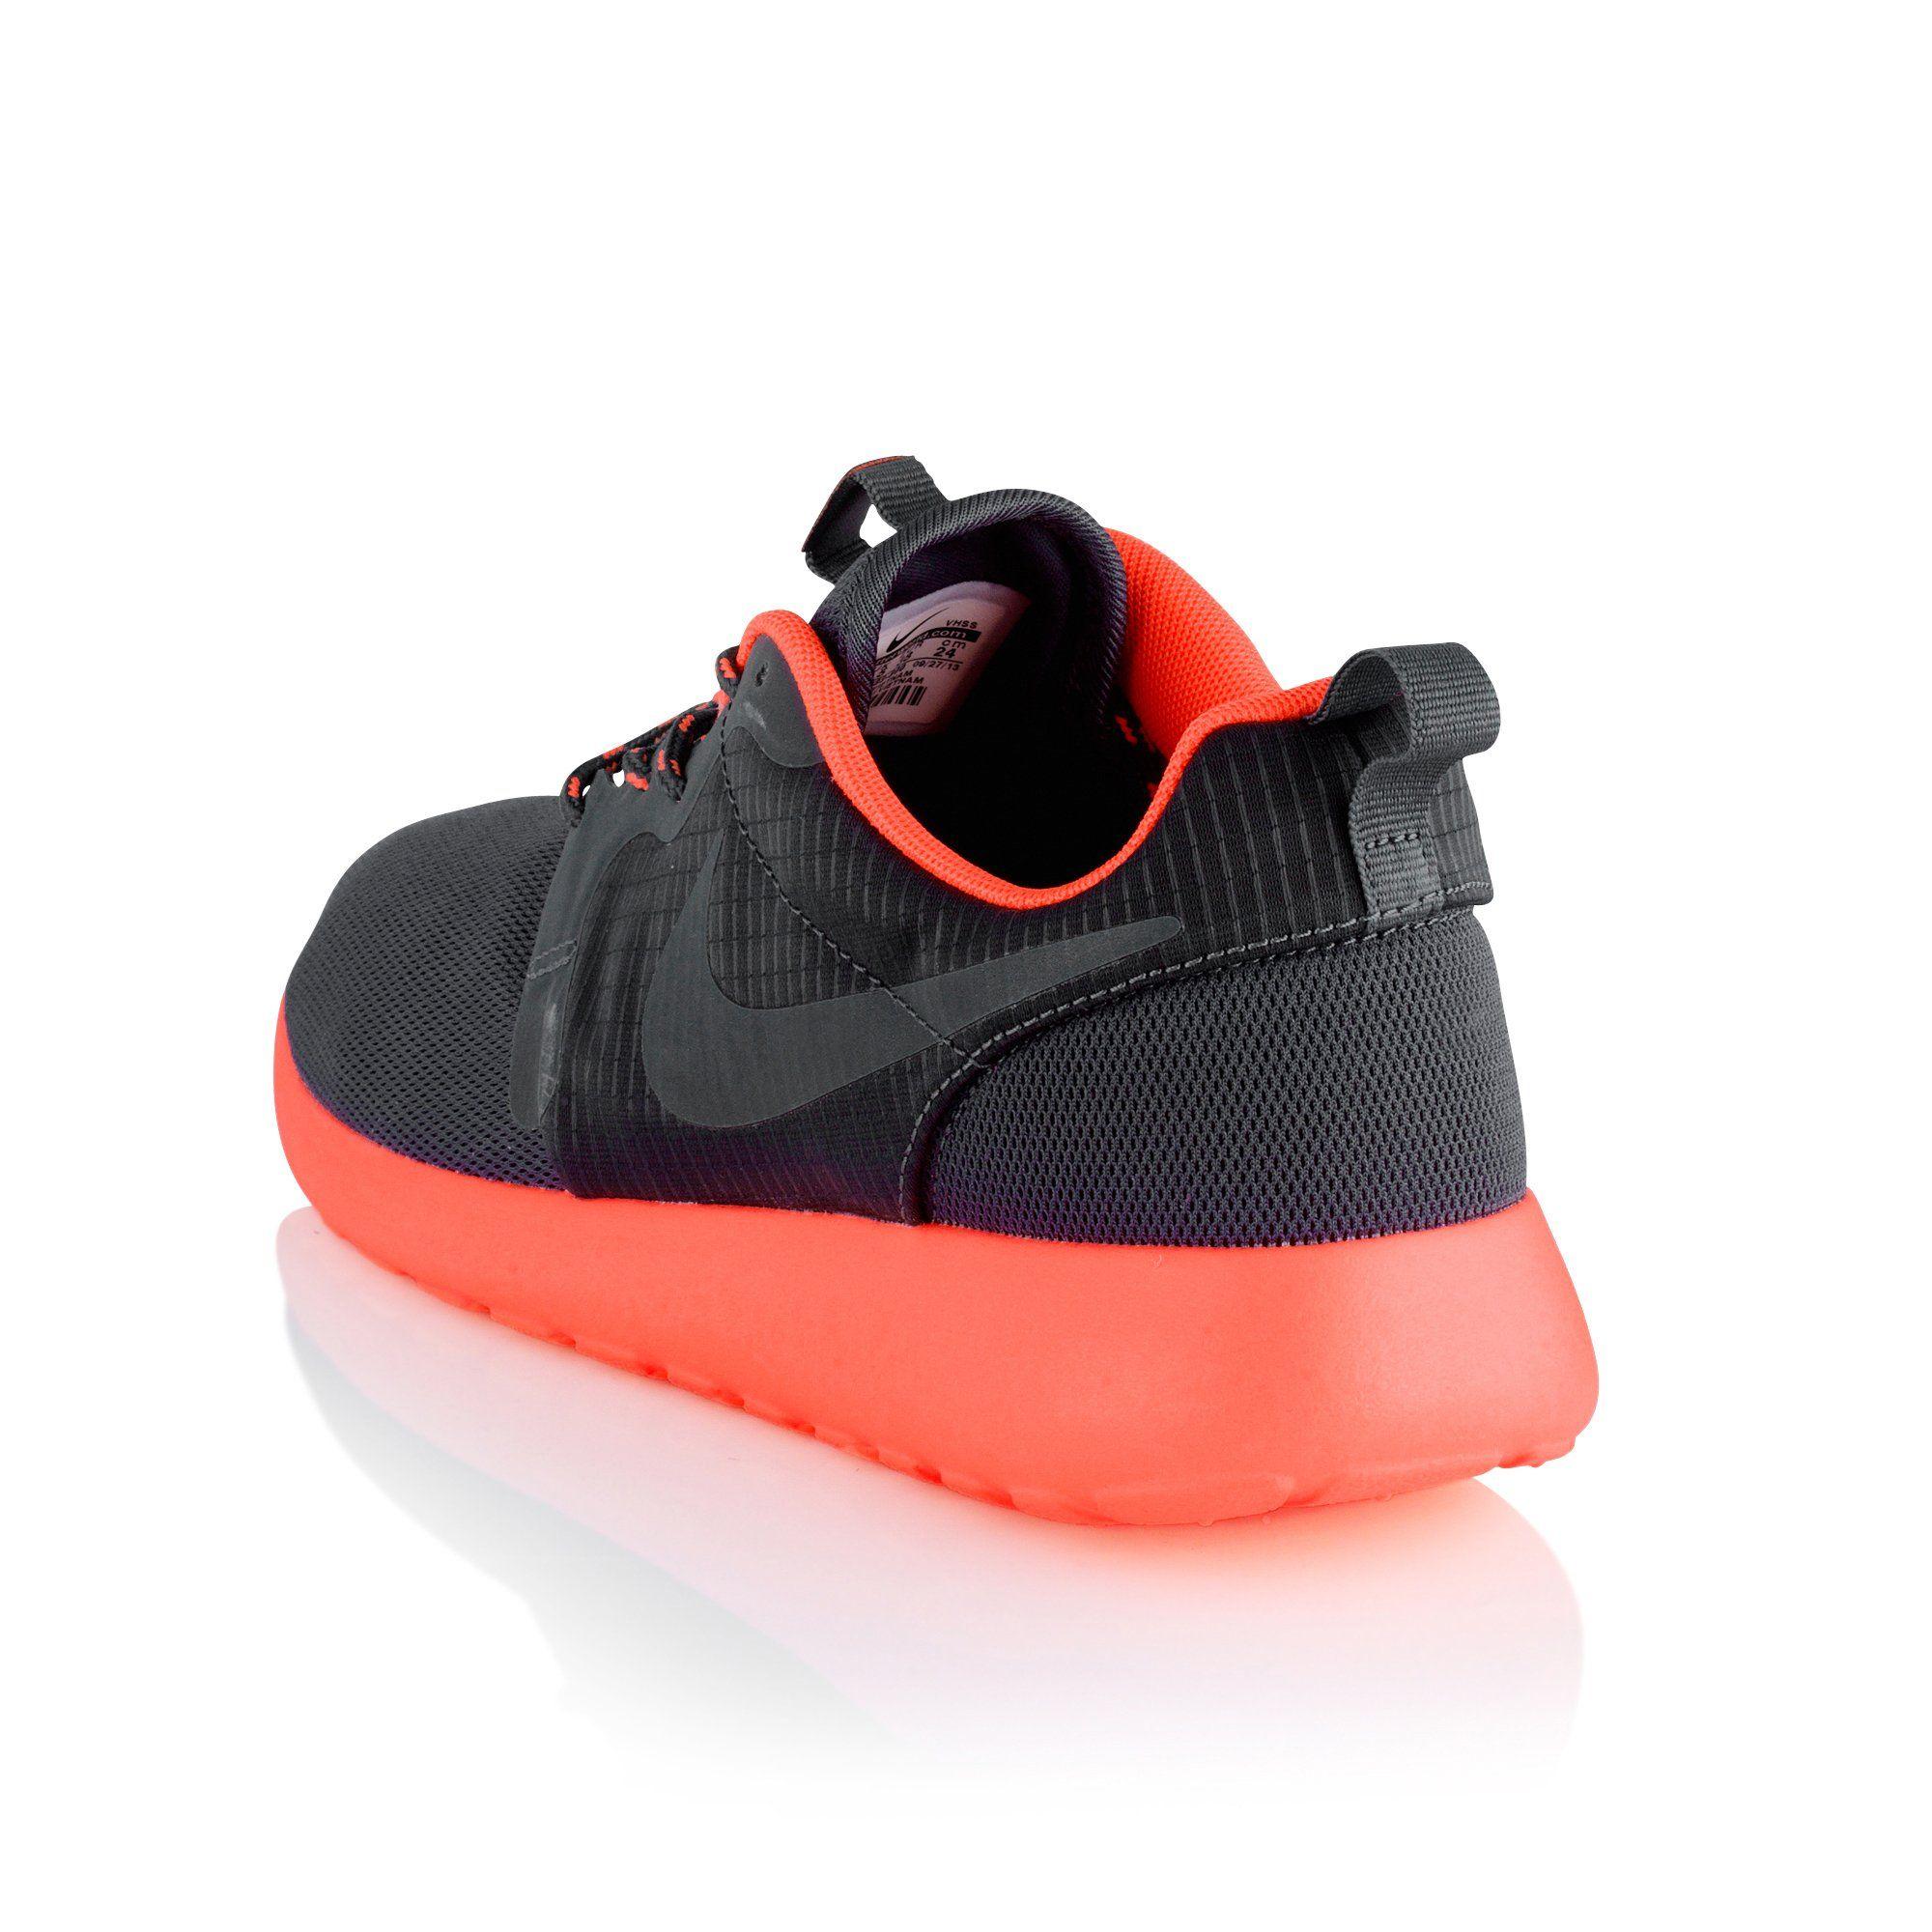 Baskets basses Roshe Run Hyp femme de Nike - 3 Suisses